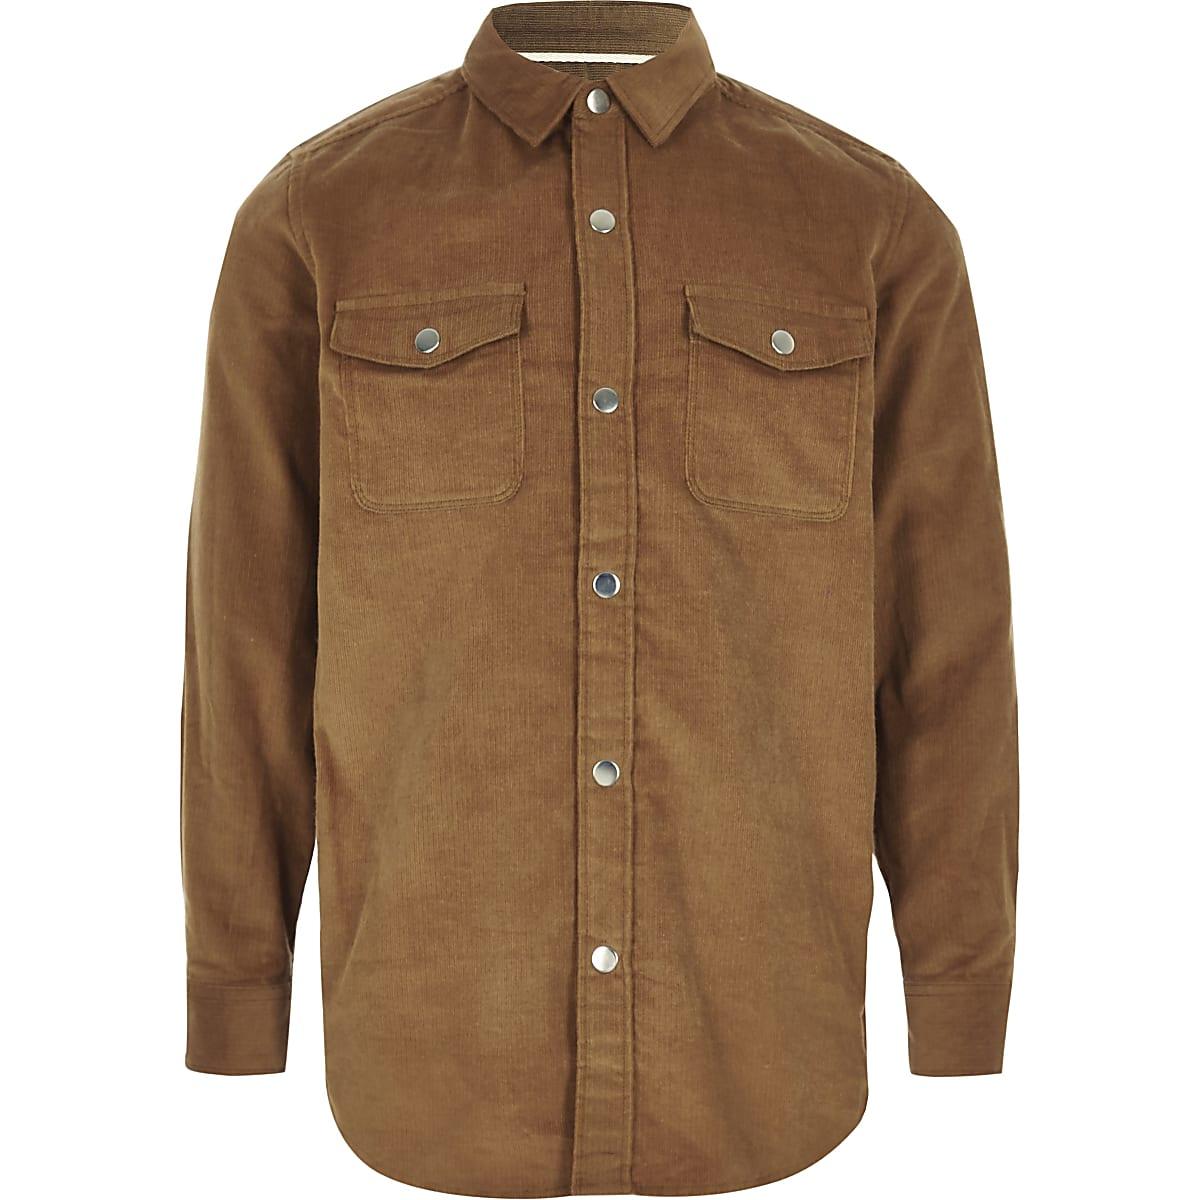 Boys light brown cord shirt